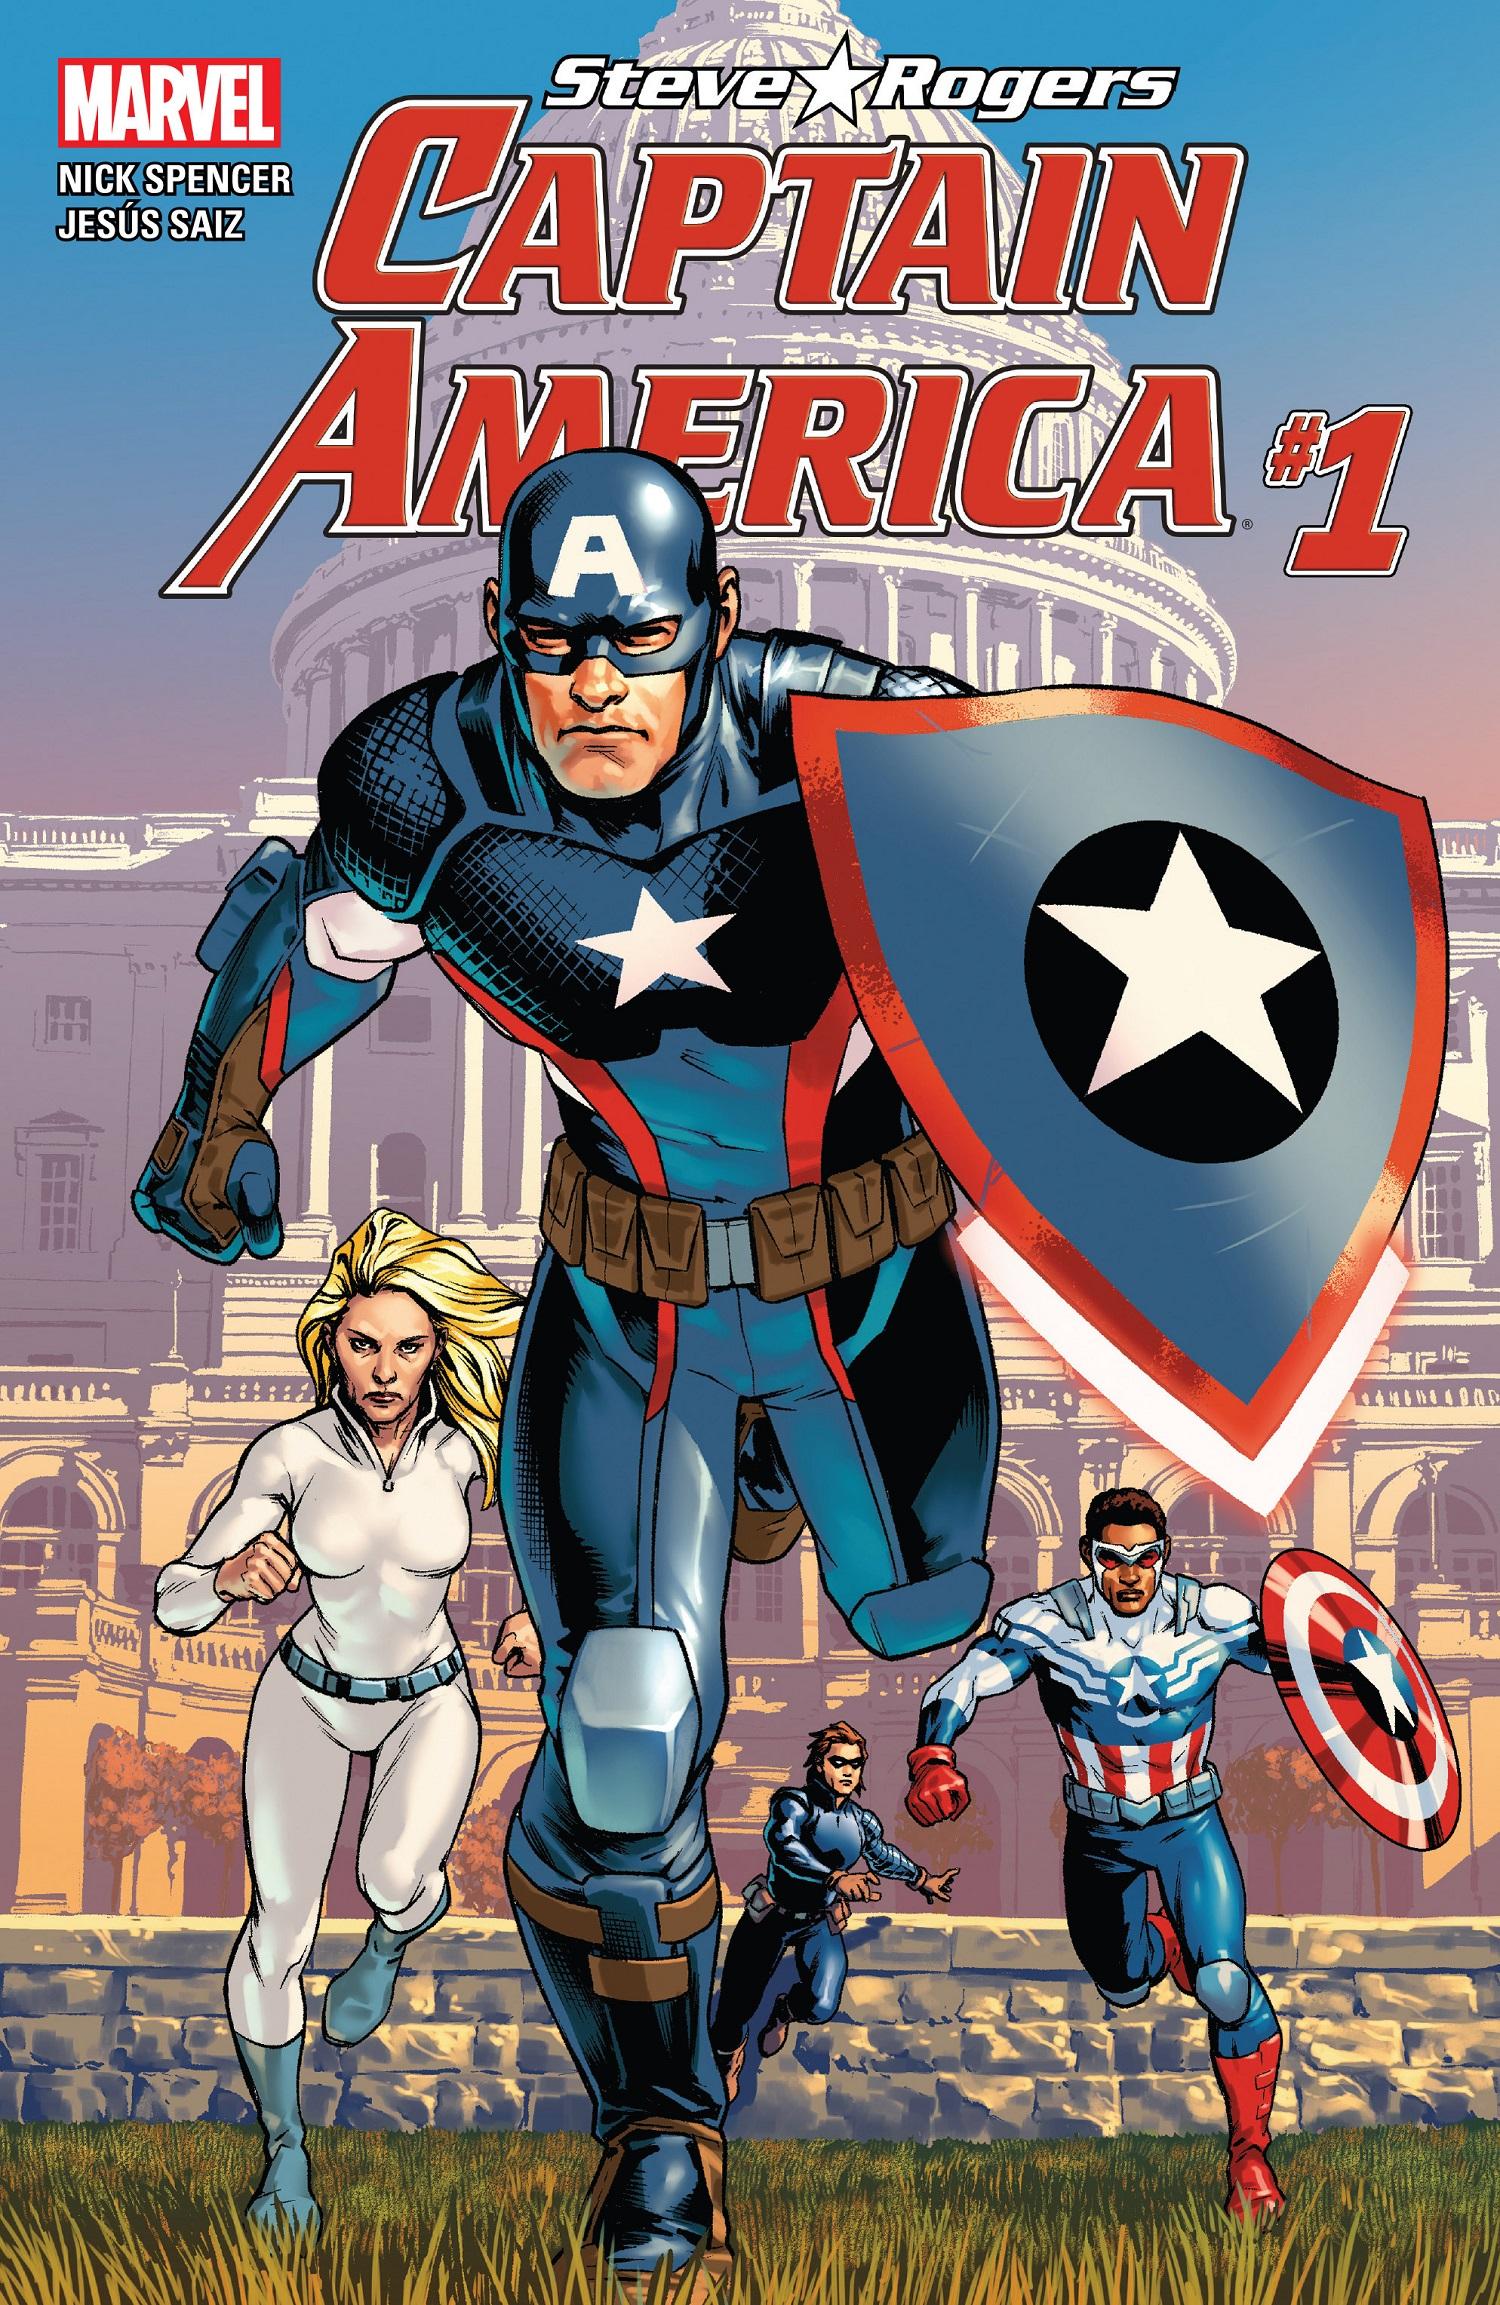 מסודר ביקורת קומיקס: CAPTAIN AMERICA: STEVE ROGERS #1 – הייל מה PM-96